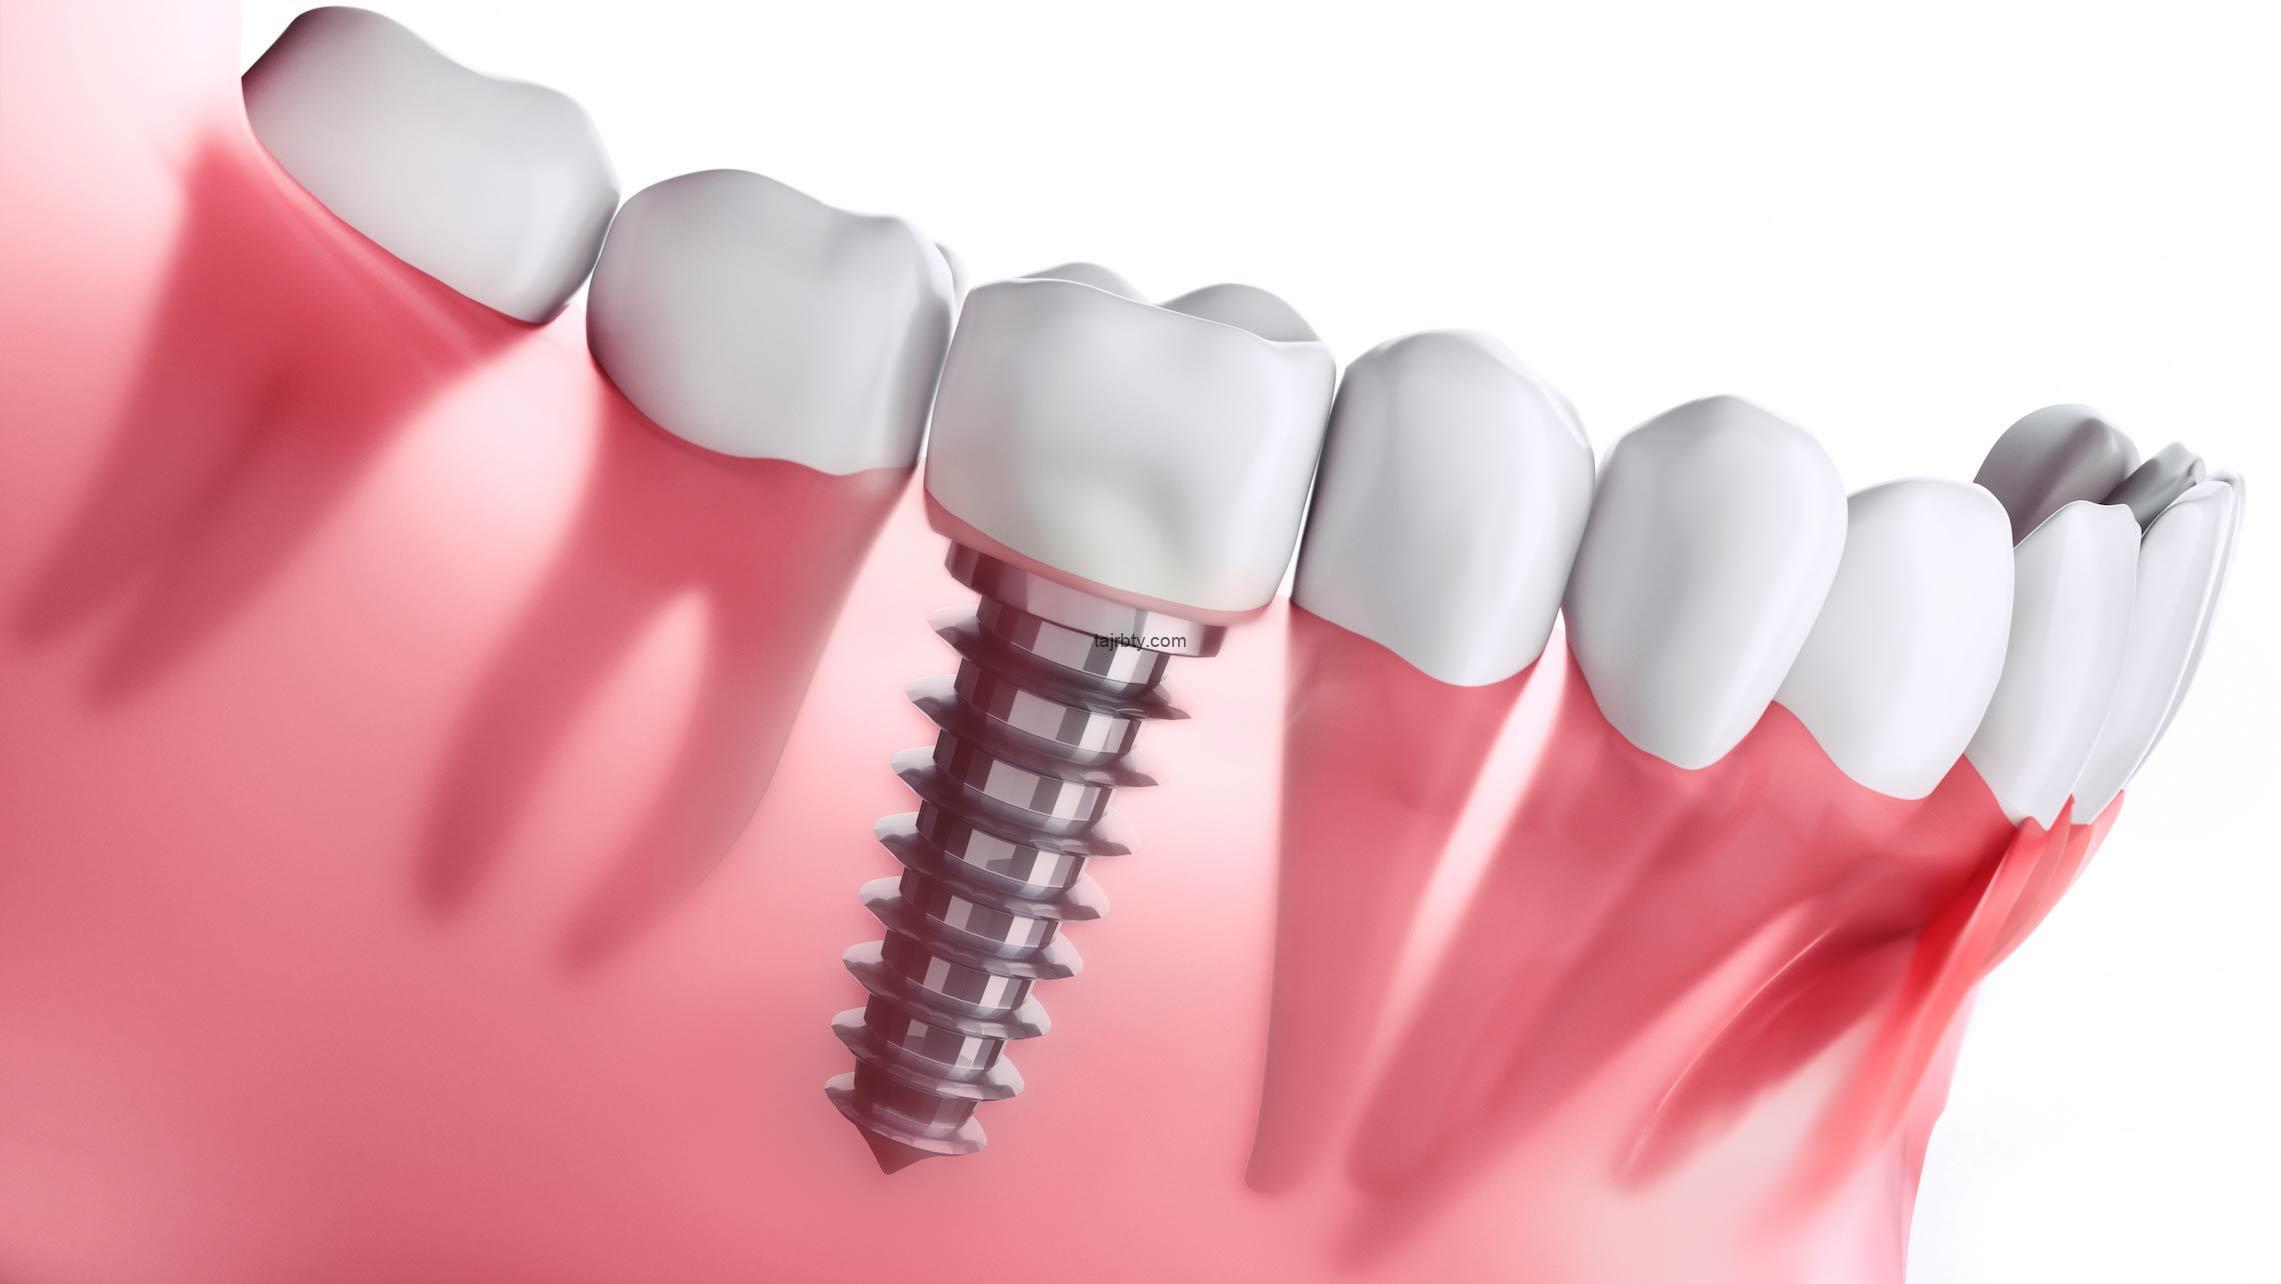 هل زراعة الأسنان تسبب رائحة كريهة